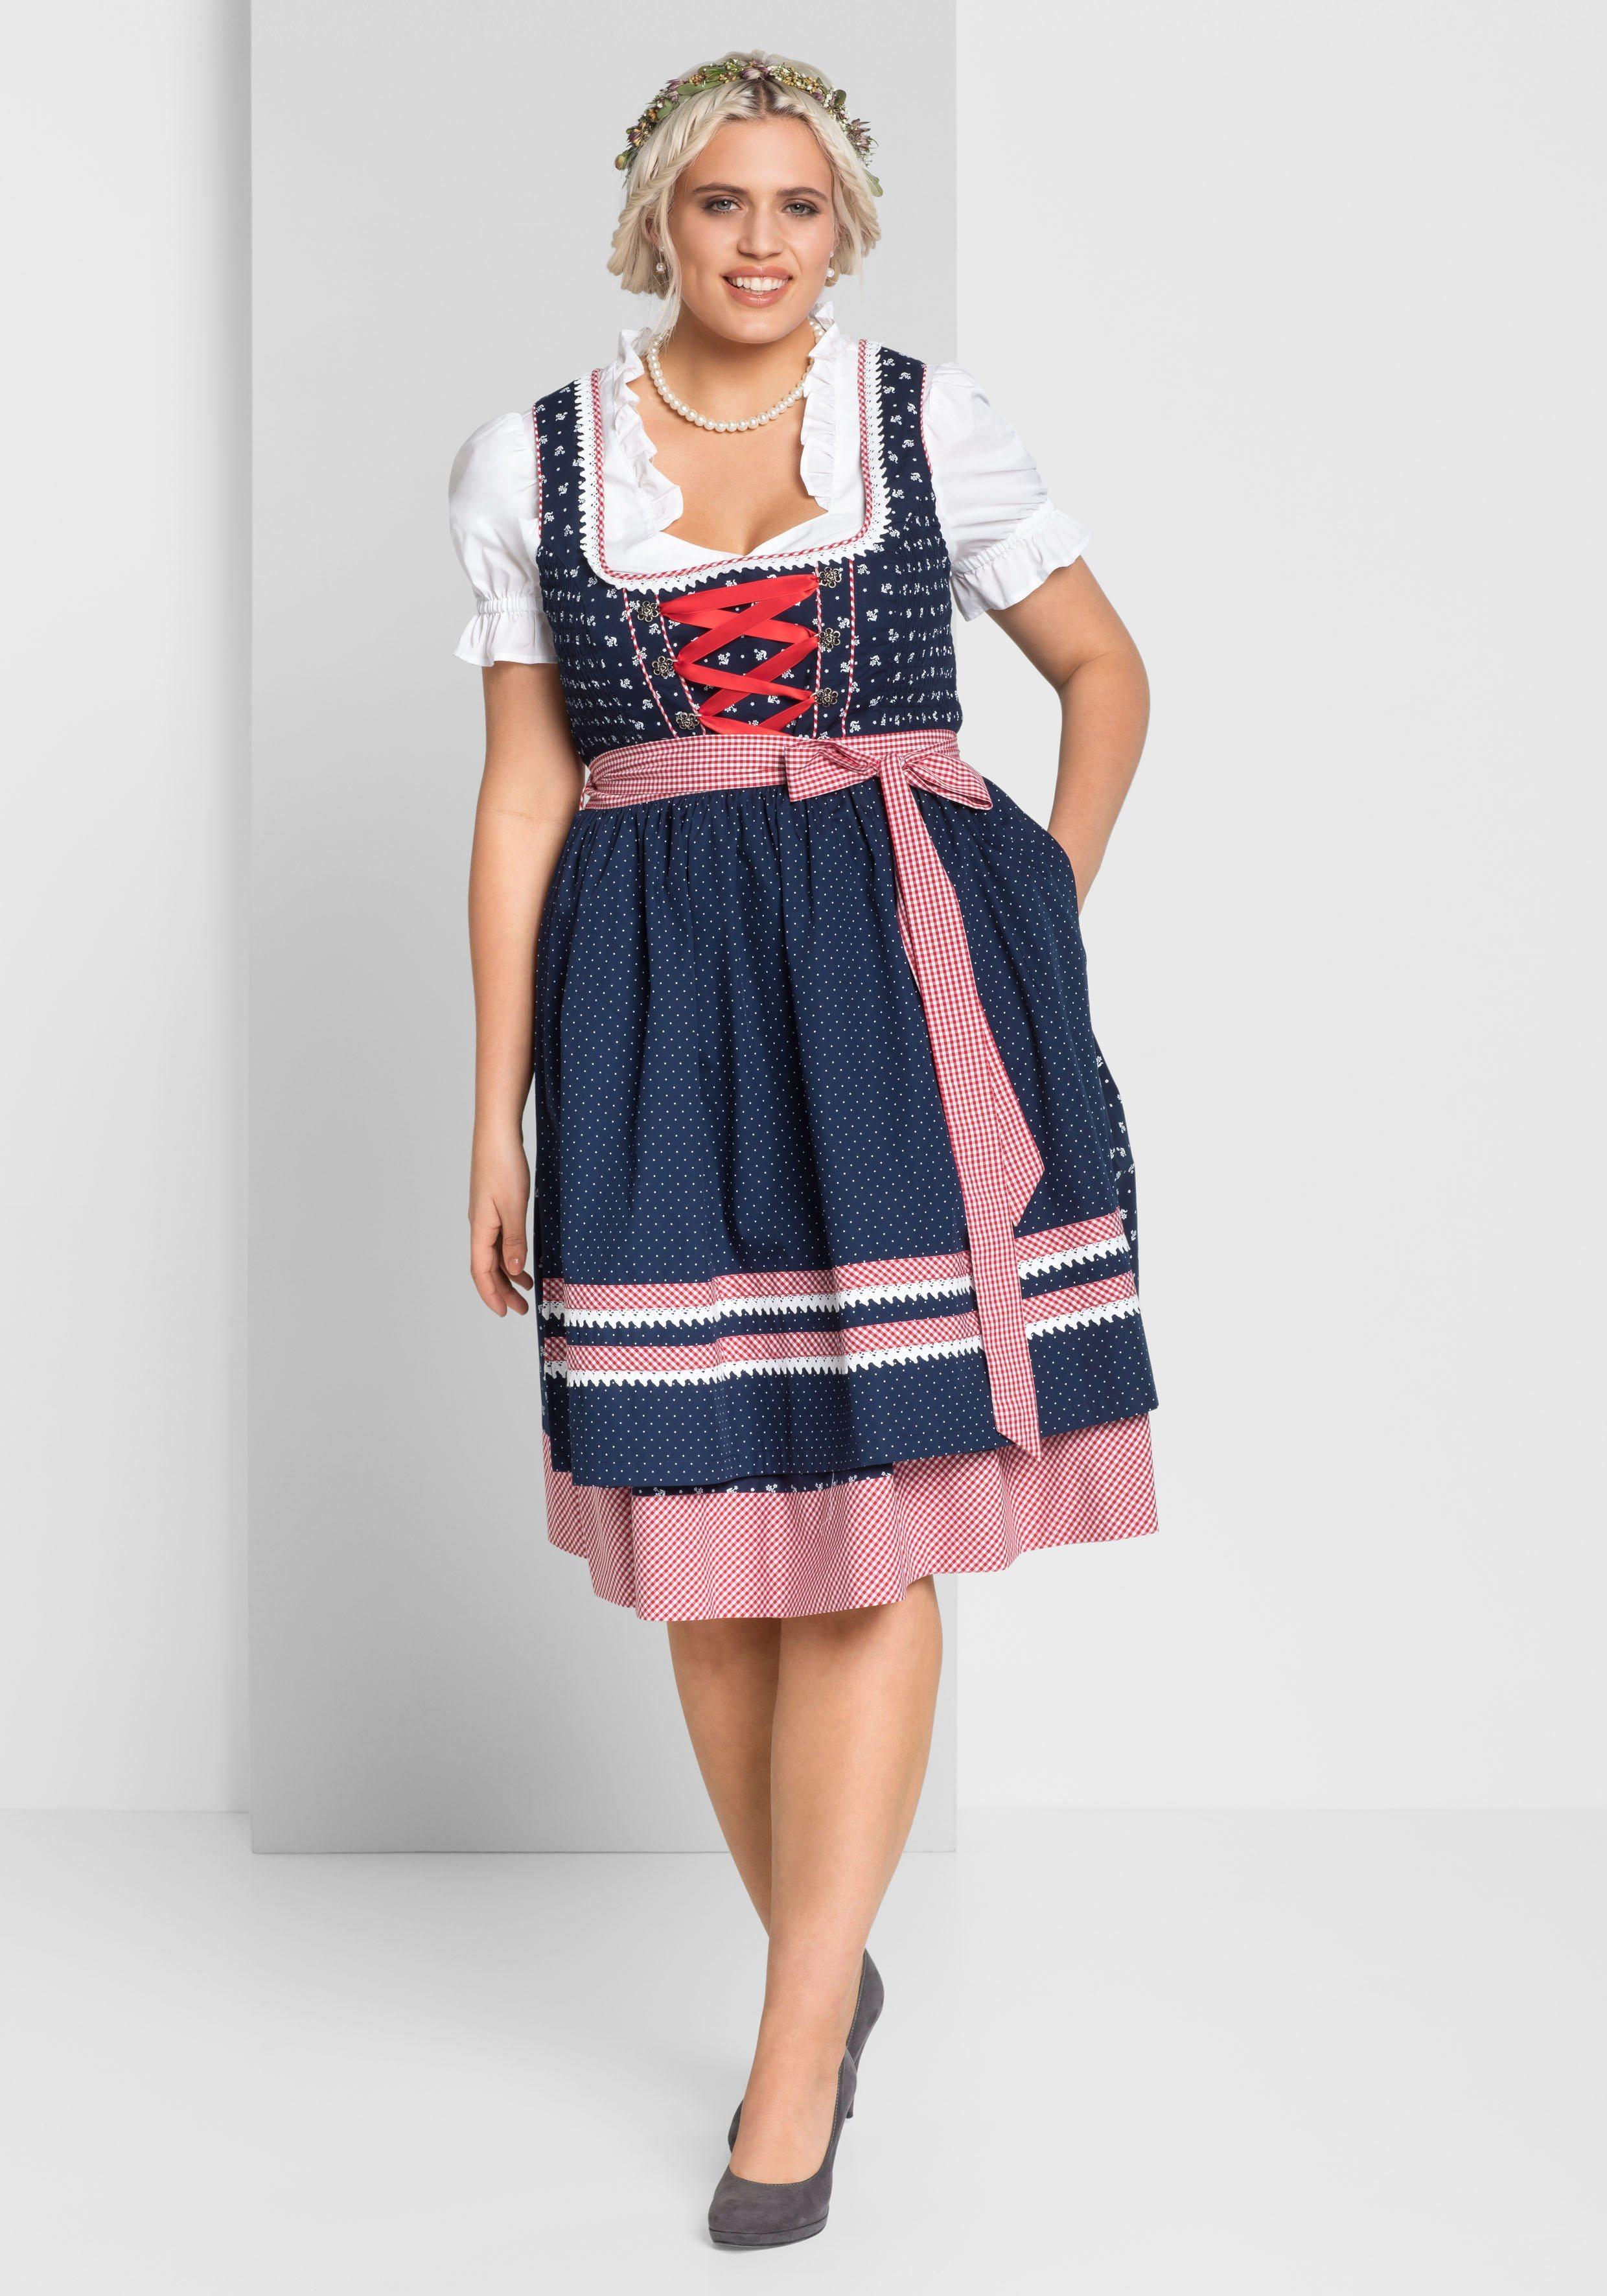 Damen sheego Style Dirndl, 3tlg.-Set blau, braun, rosa, schwarz   04054697537277